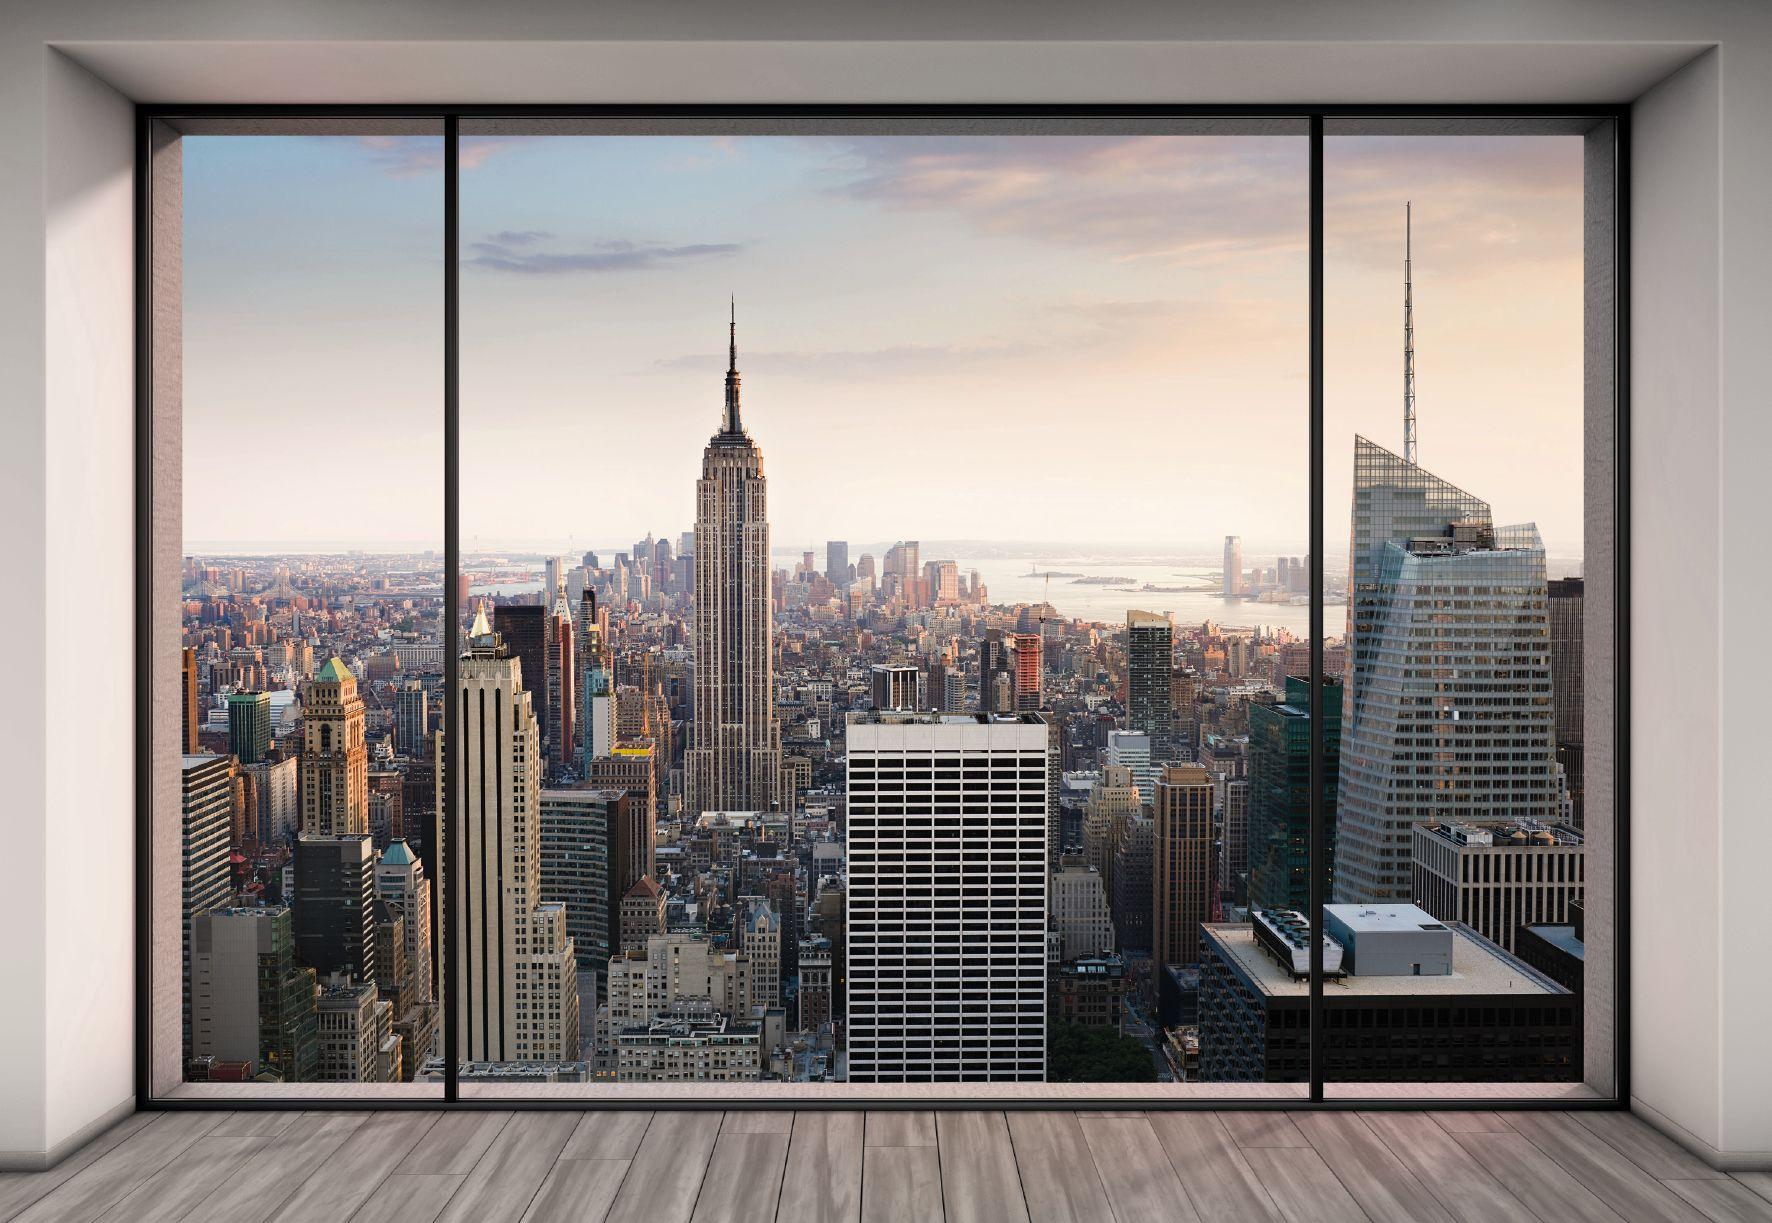 Maak van uw slaapkamer, woonkamer of kantoor een new york ...